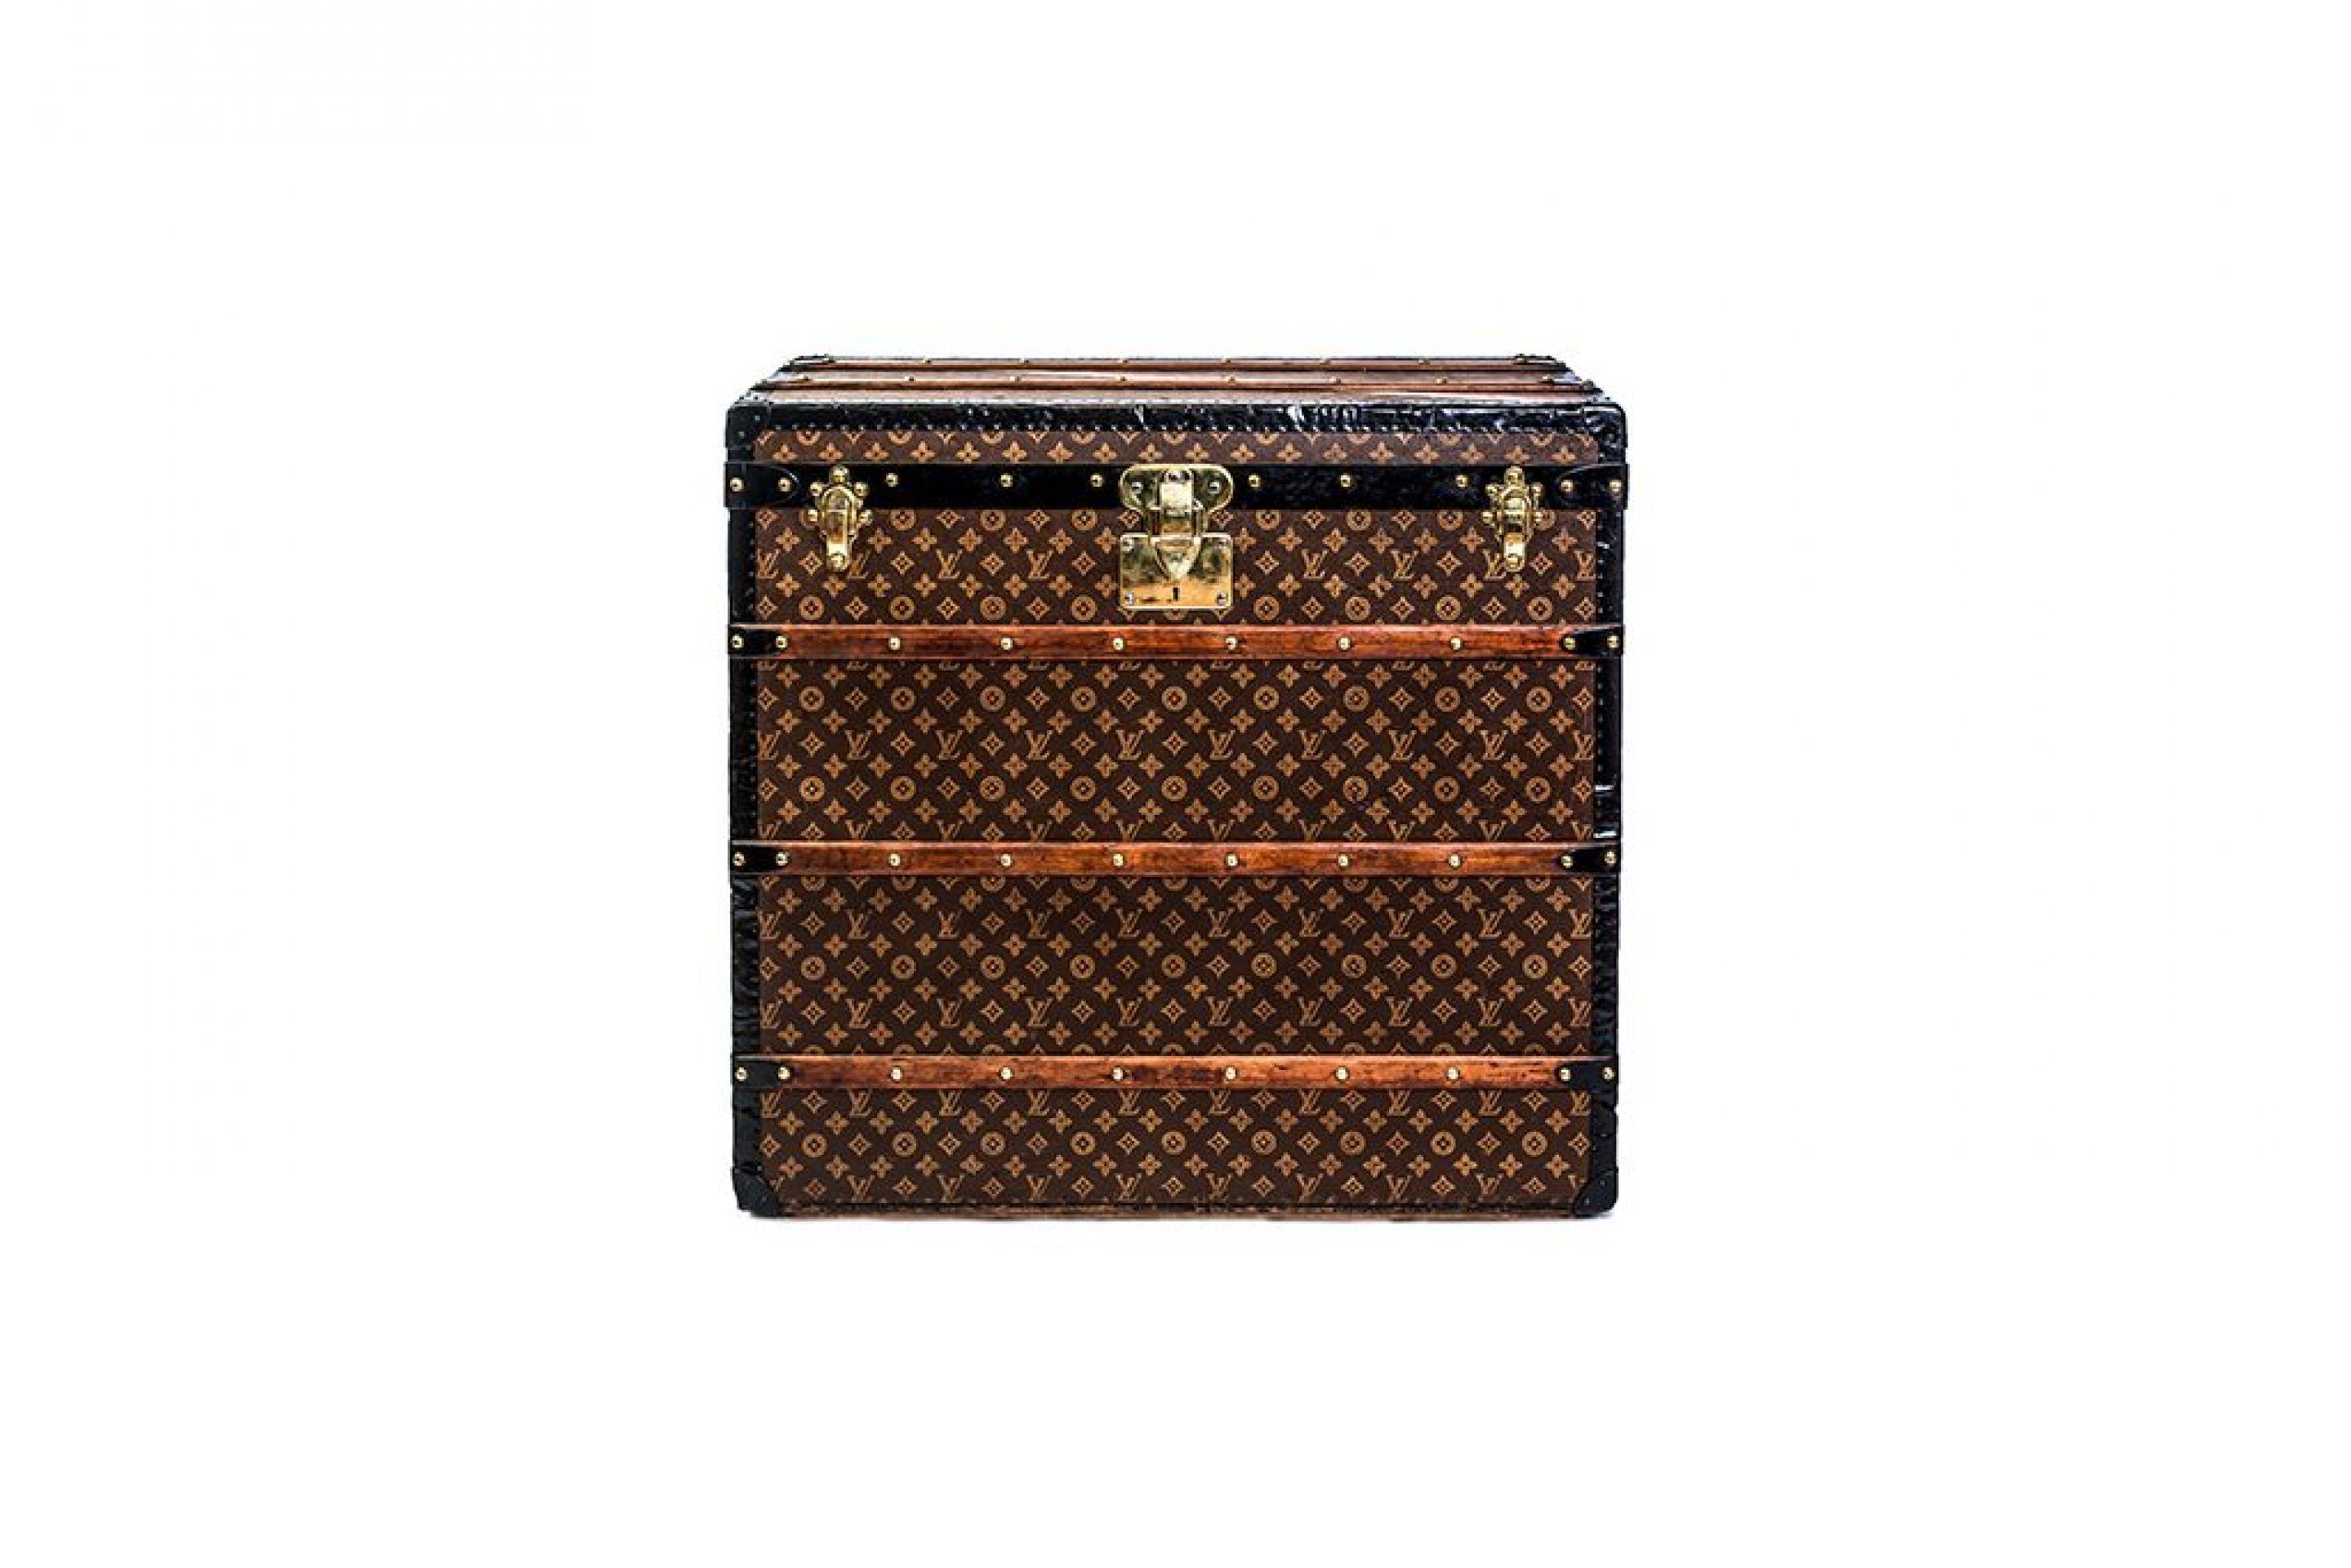 Louis Vuitton High Flat Trunk